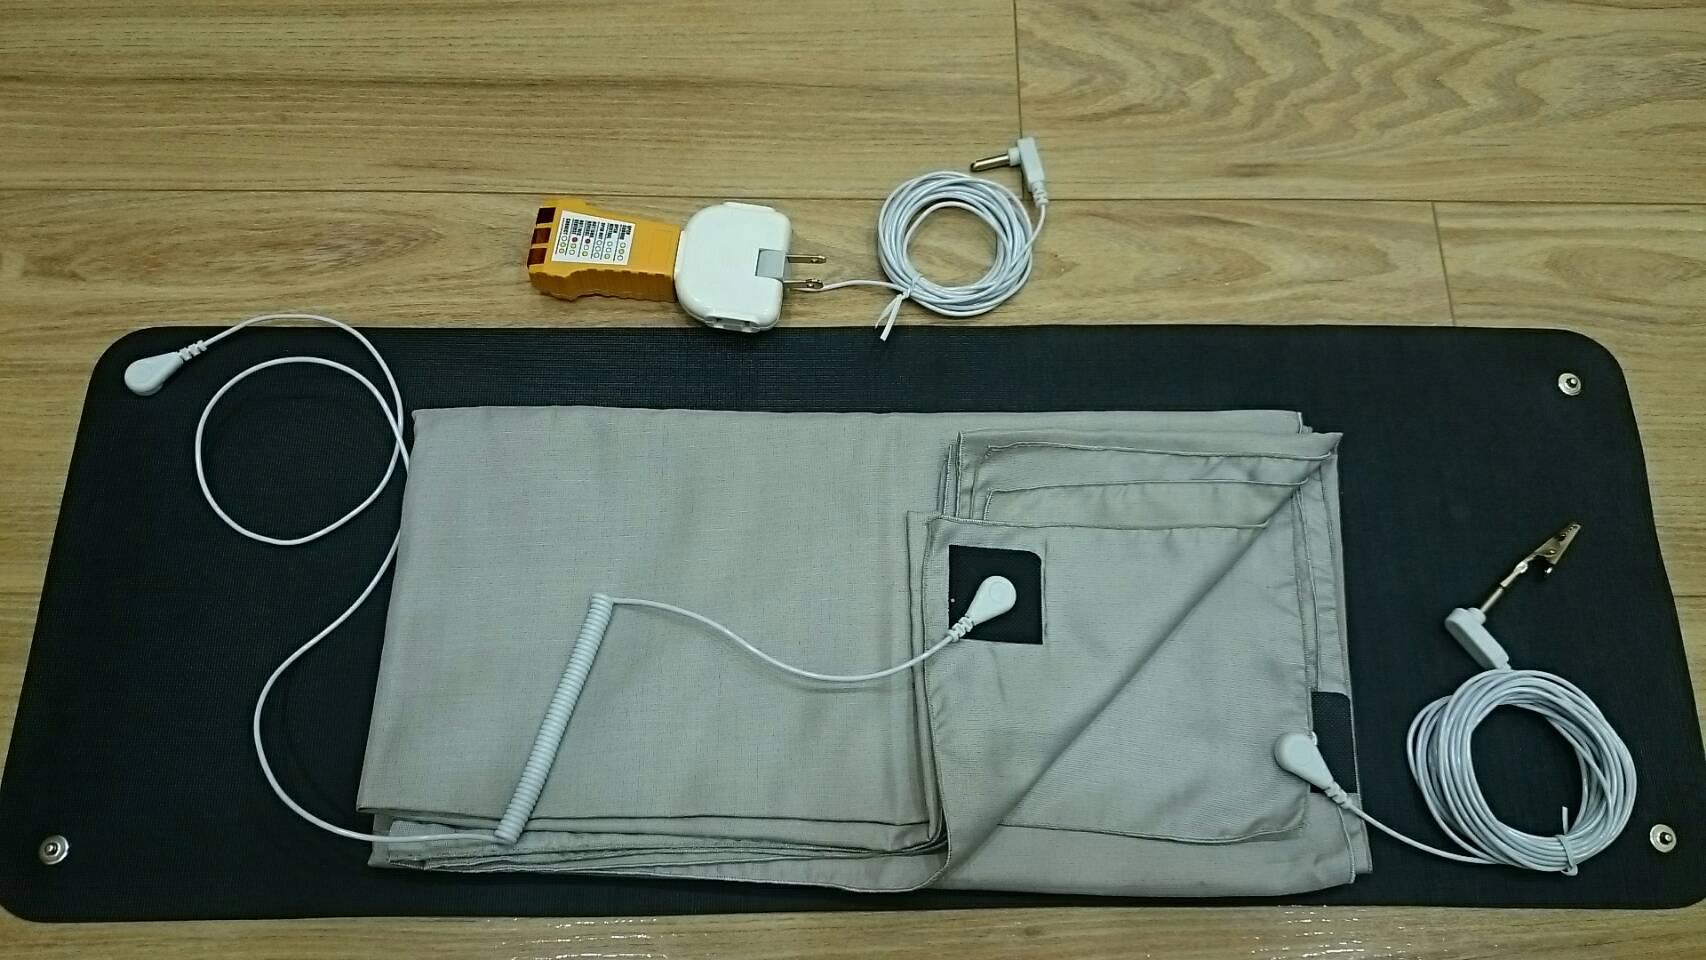 【速成包-2】50% 銀纖維雙人床布布(150*150CM) (通用型) - 限時優惠好康折扣